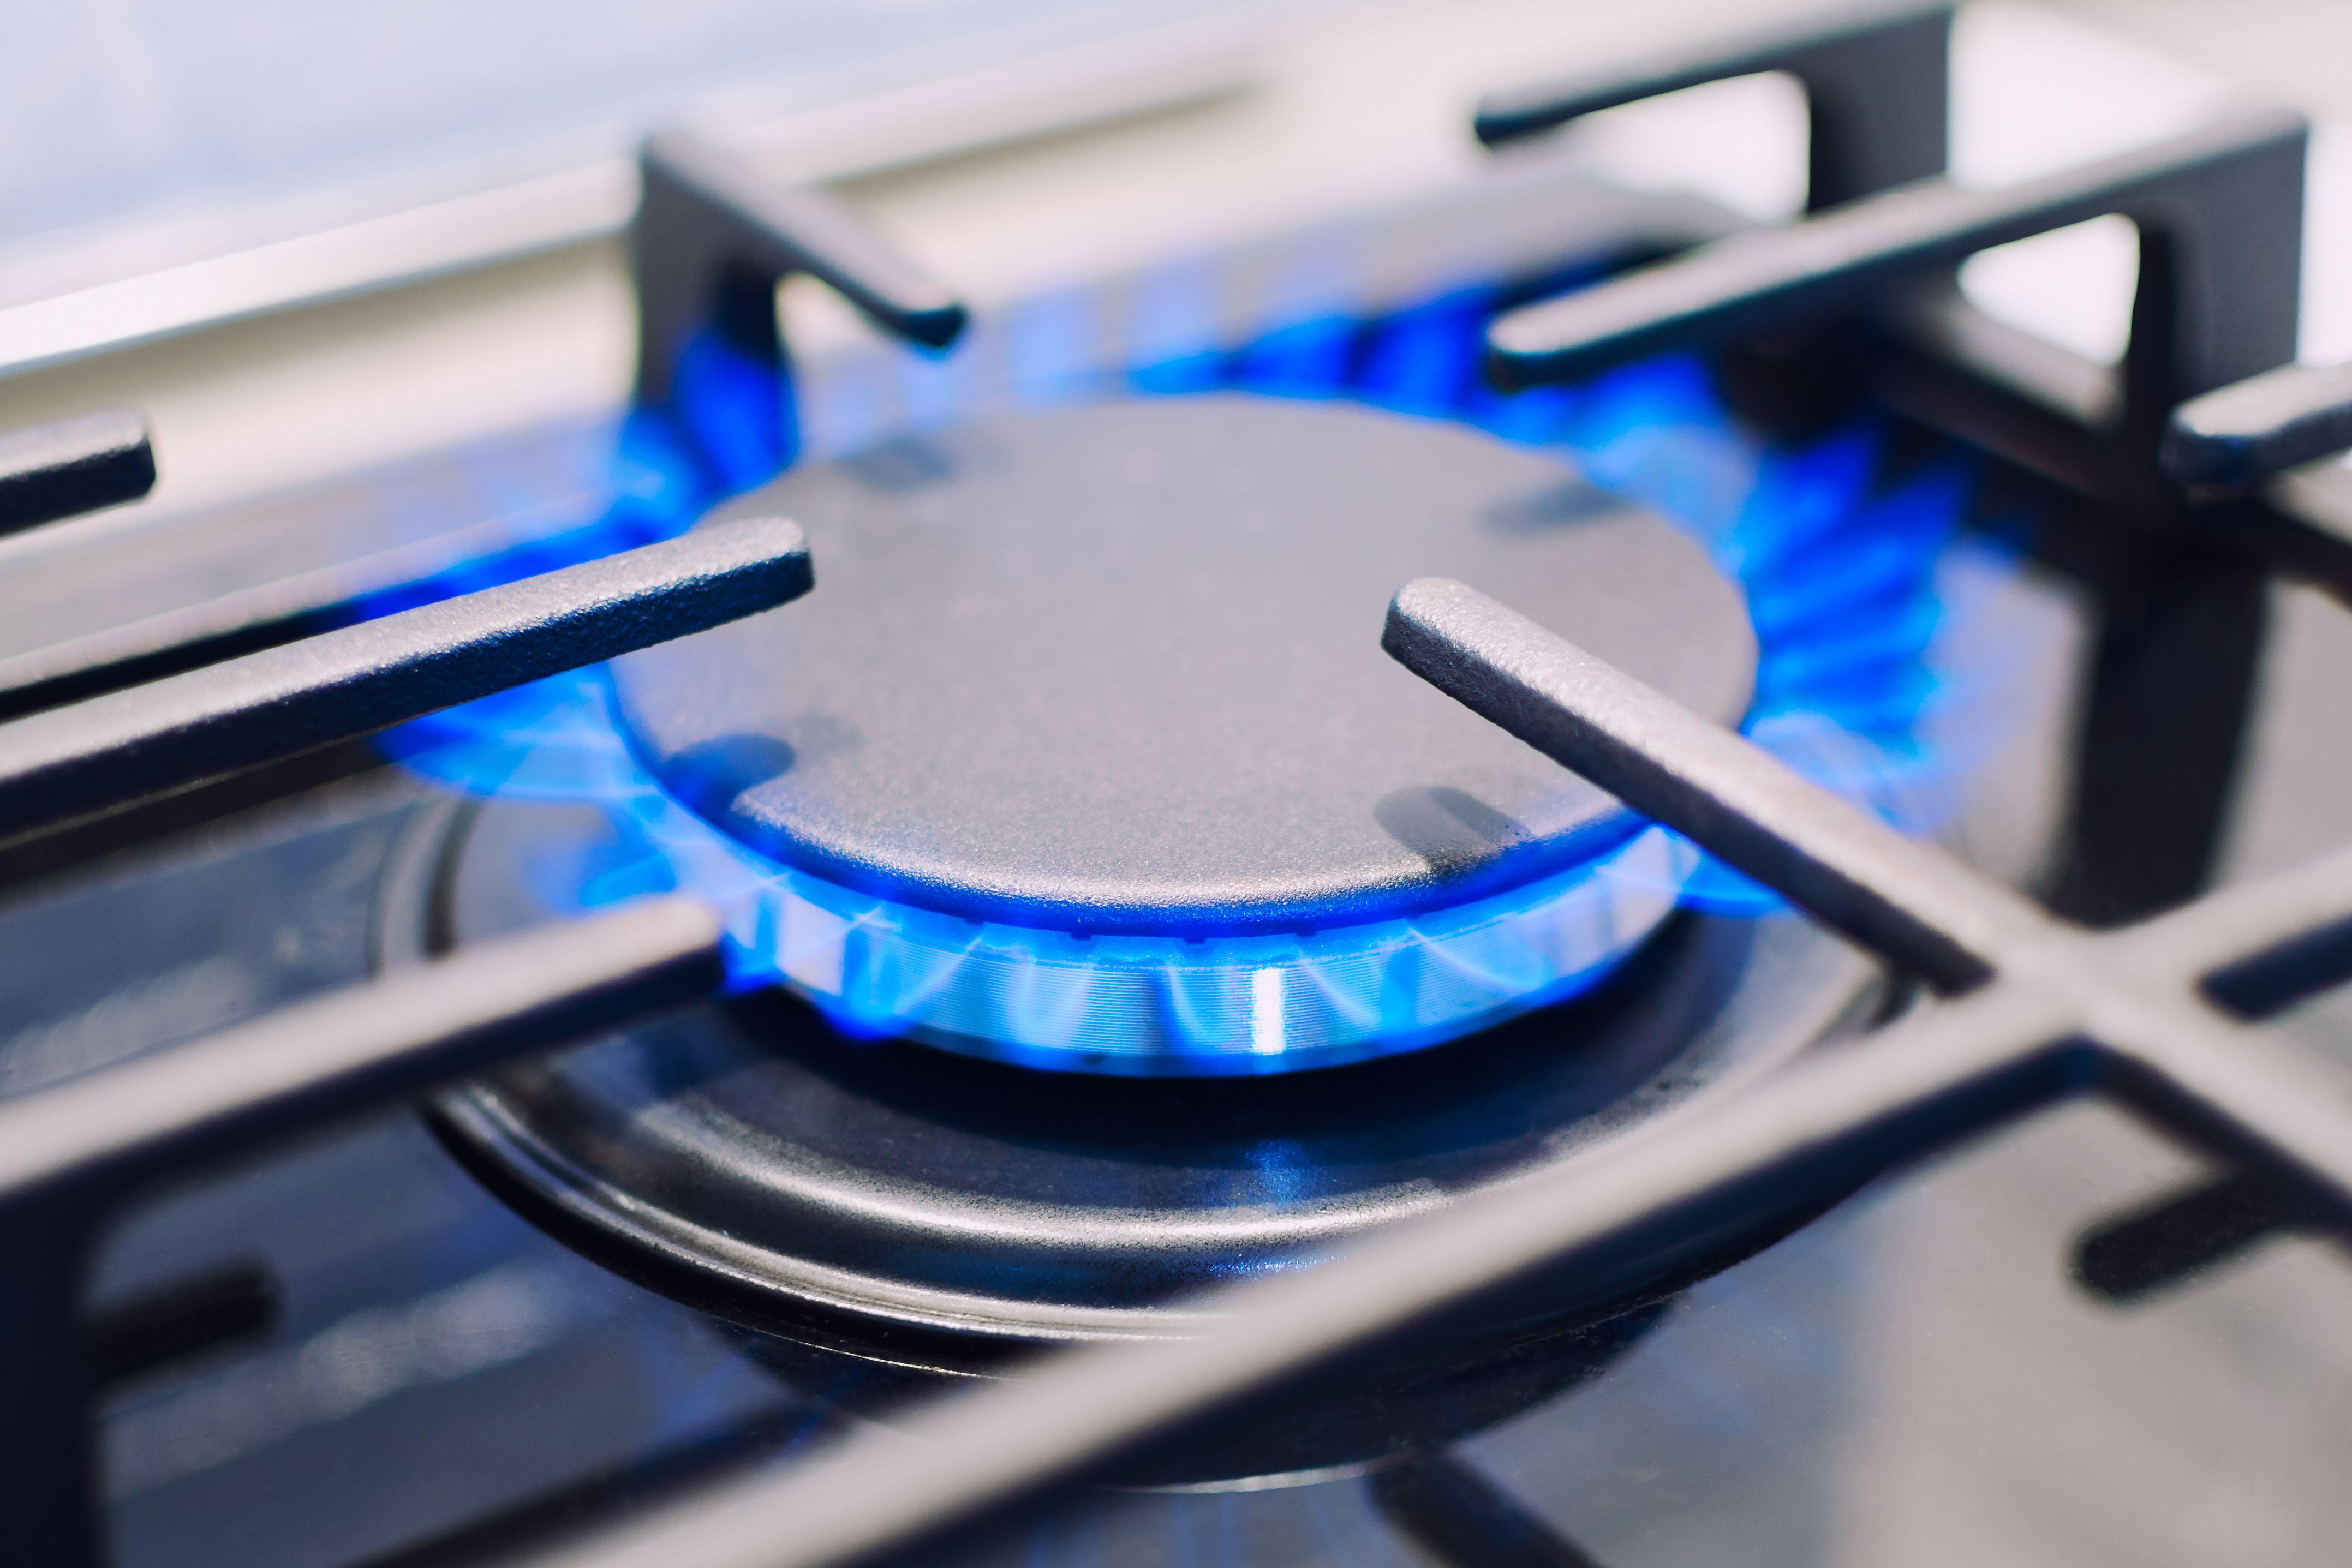 burning-gas-burner-stove.jpg